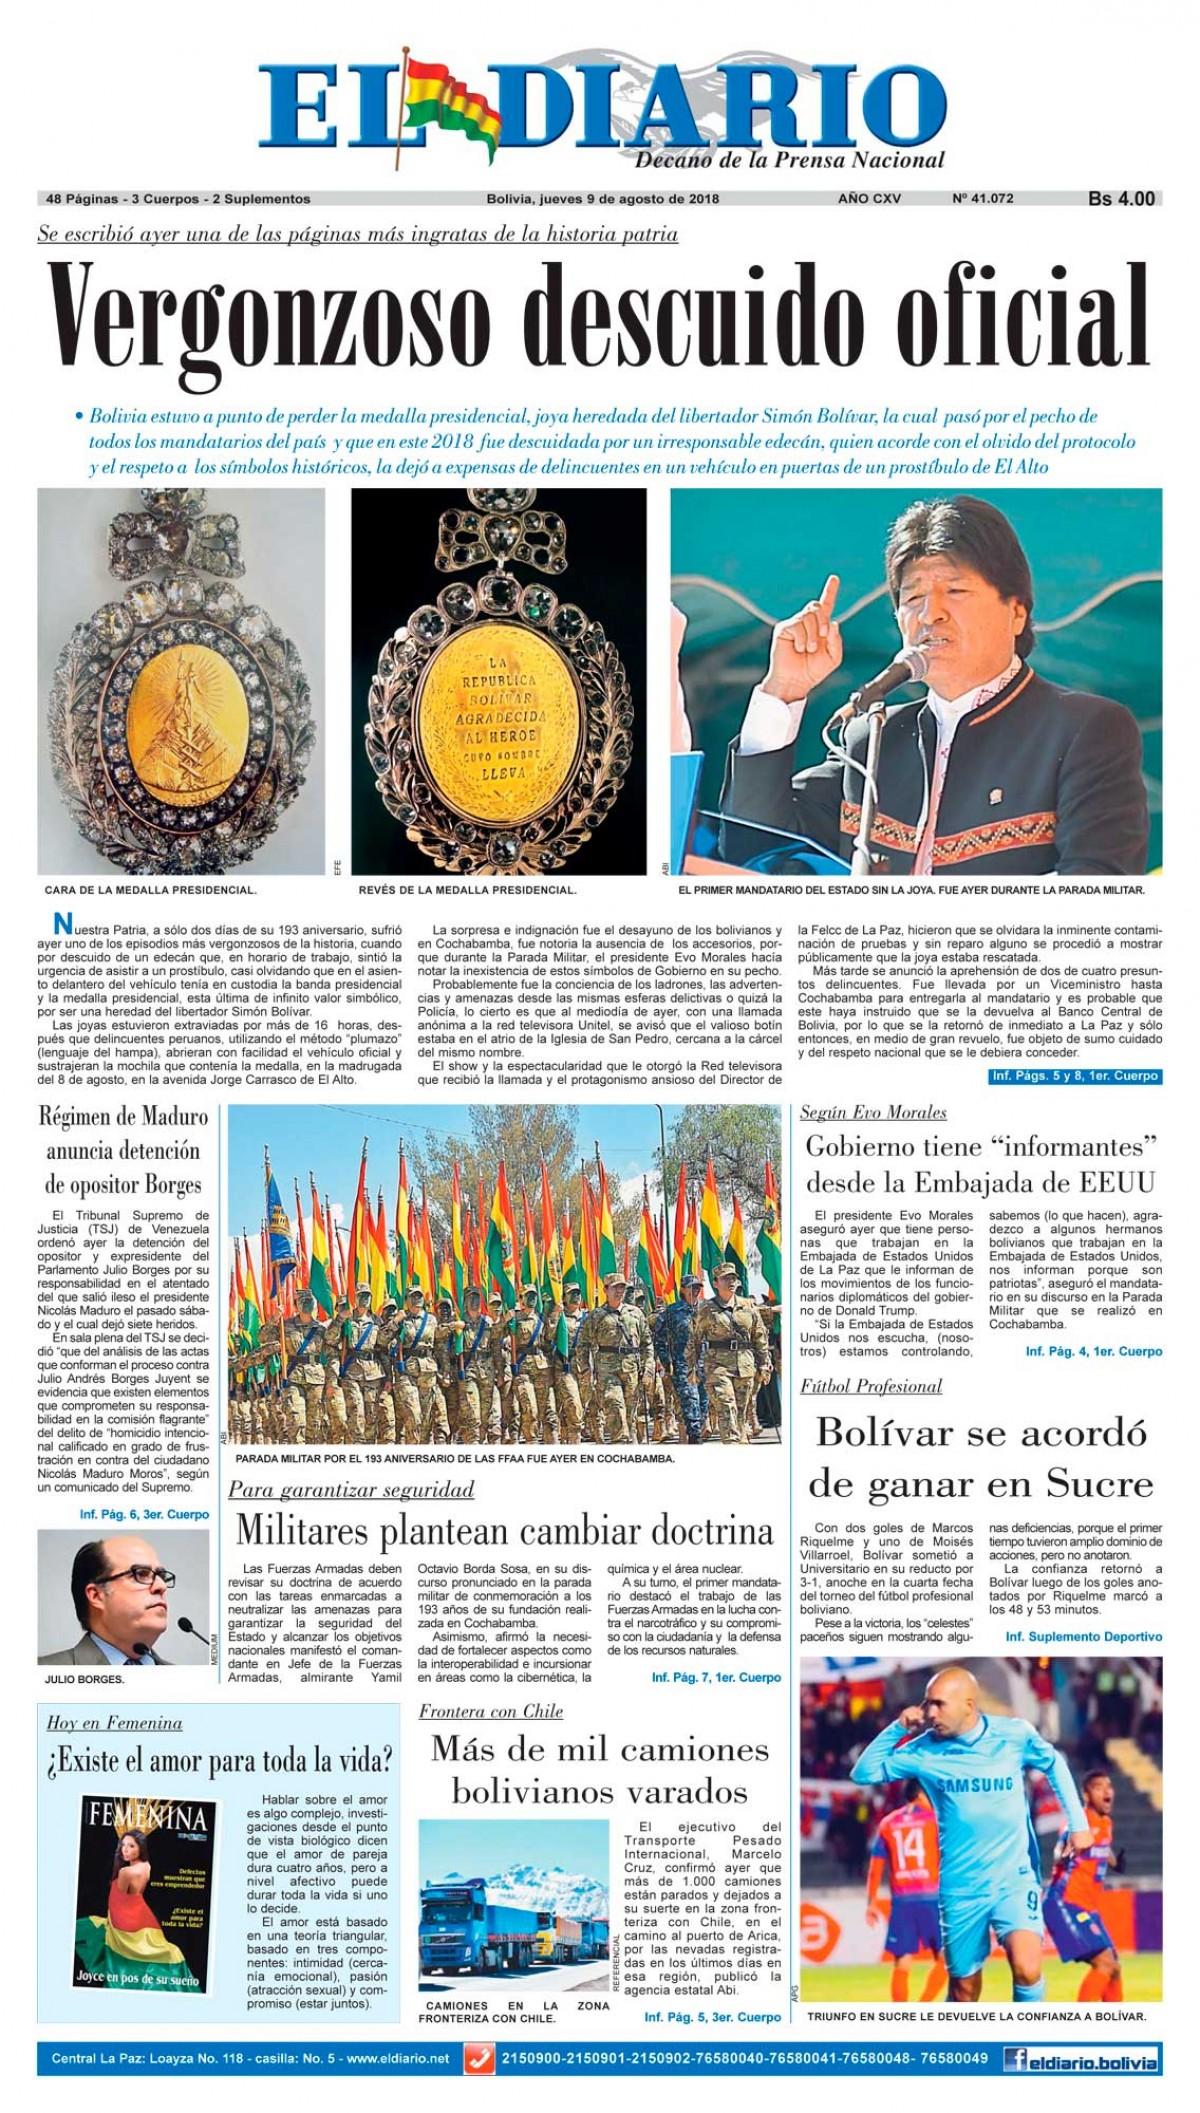 Portadas de periódicos de Bolivia del jueves 9 de agosto de 2018 ...